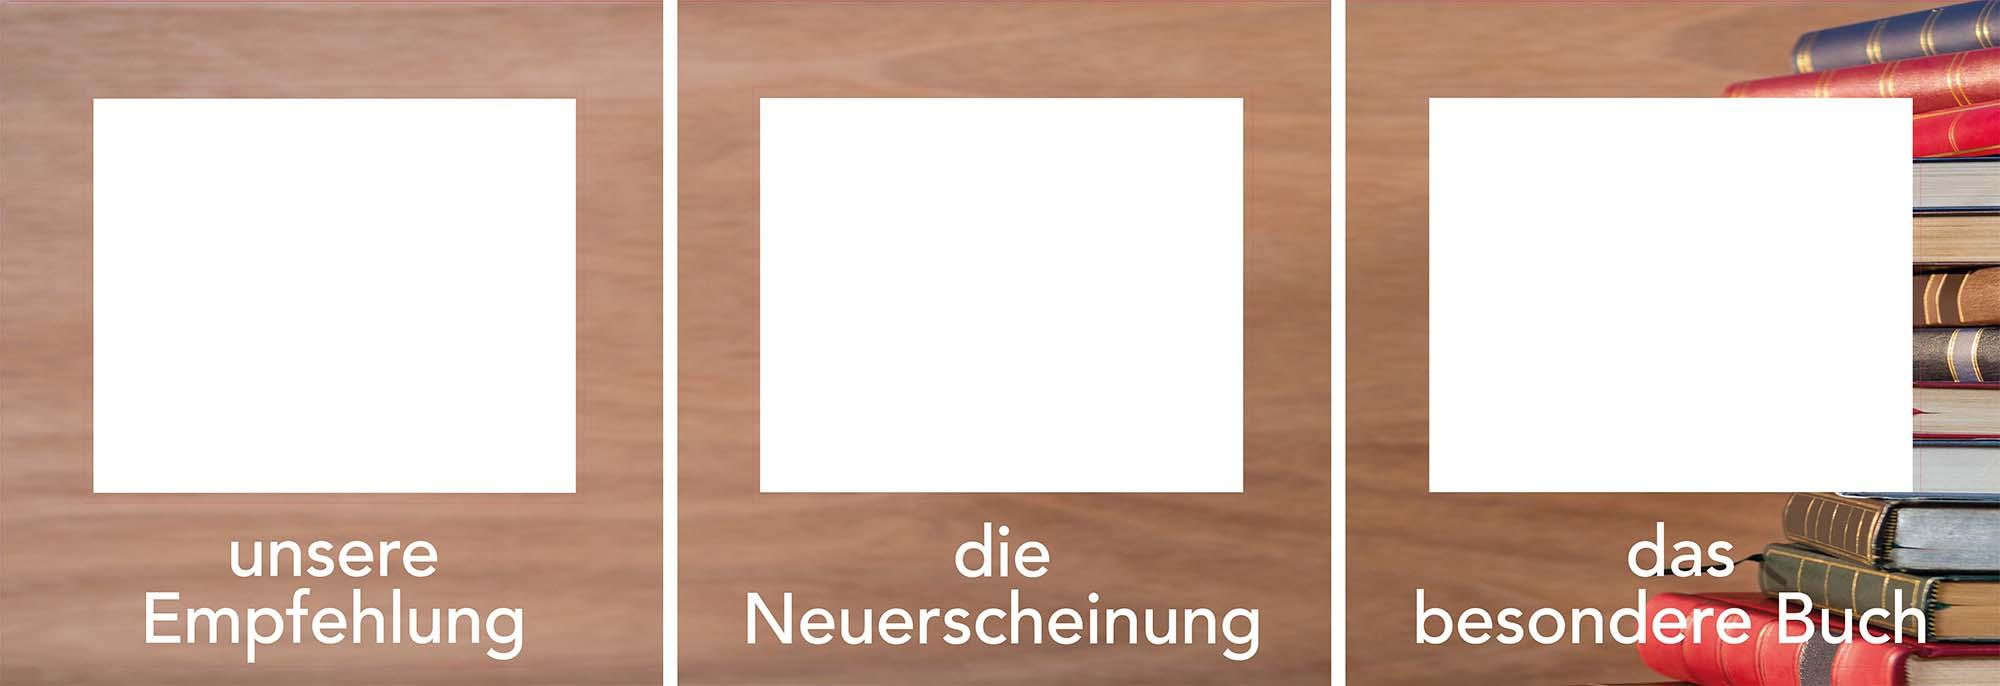 3er Set Decoframe Folien für Buchhandlungen Bücherwand